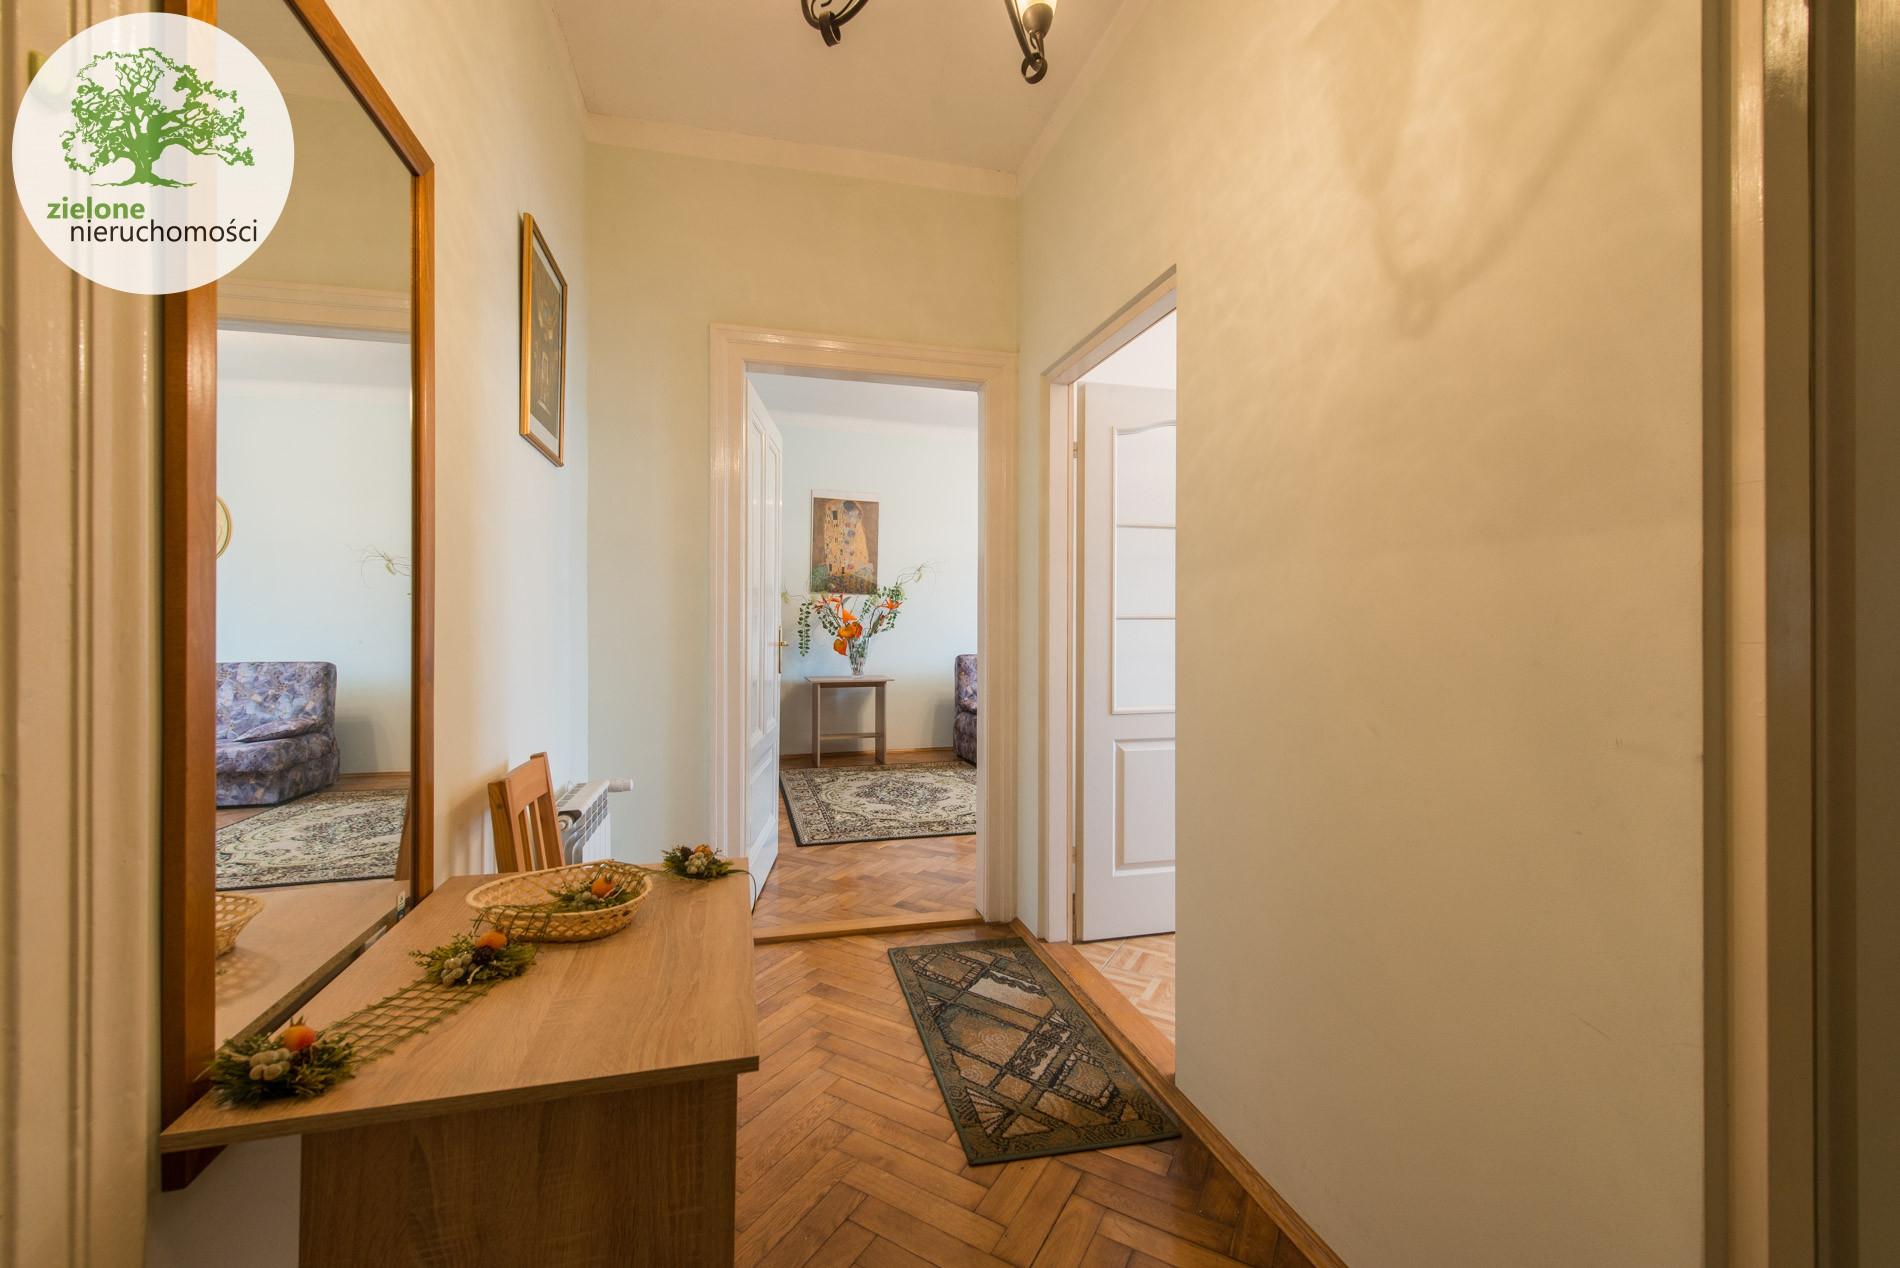 Zdjęcie 1Mieszkanie w kamienicy, w pobliżu Sfery